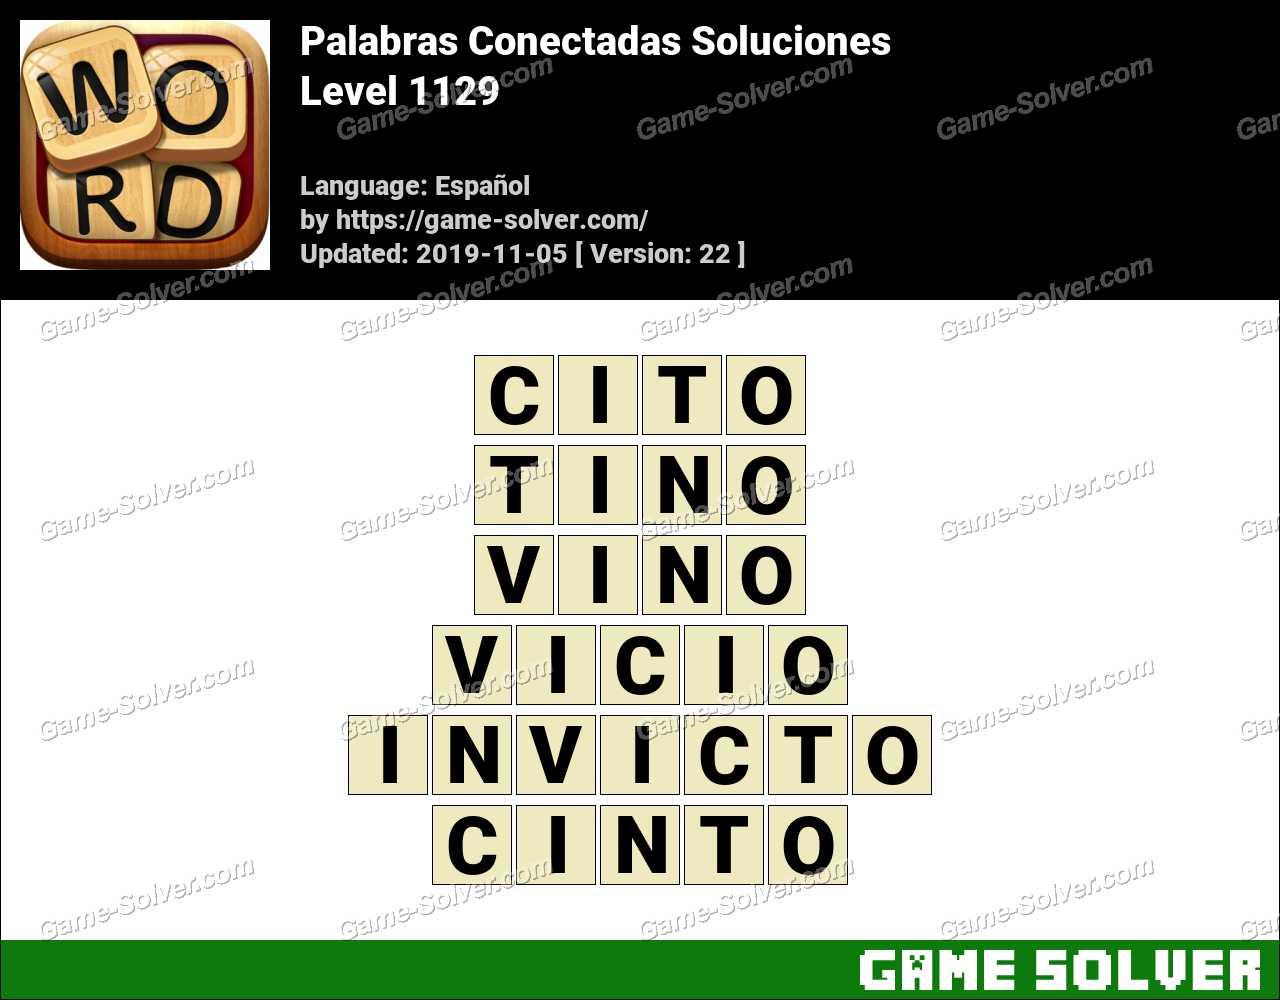 Palabras Conectadas Nivel 1129 Soluciones